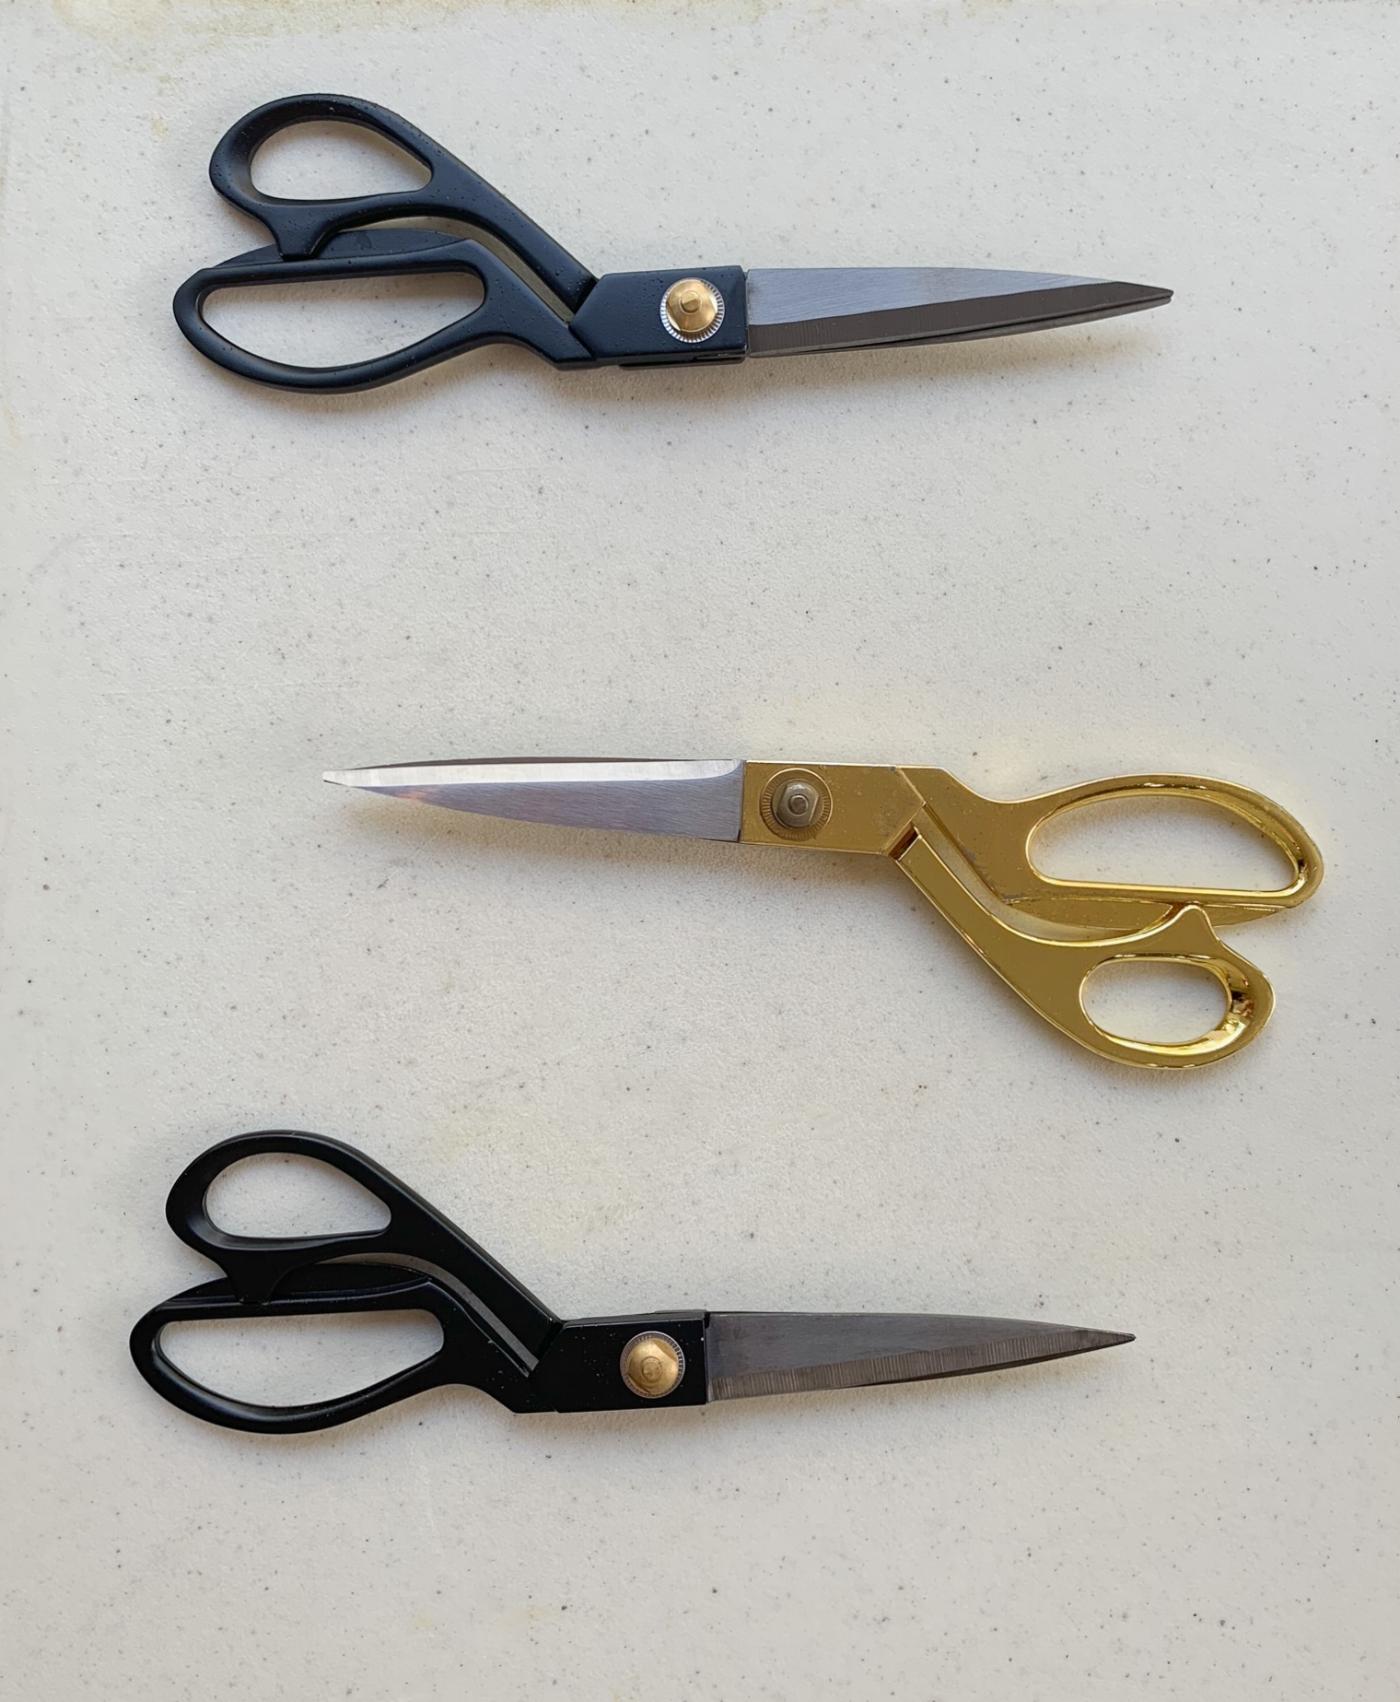 Sharp Kitchen Scissors